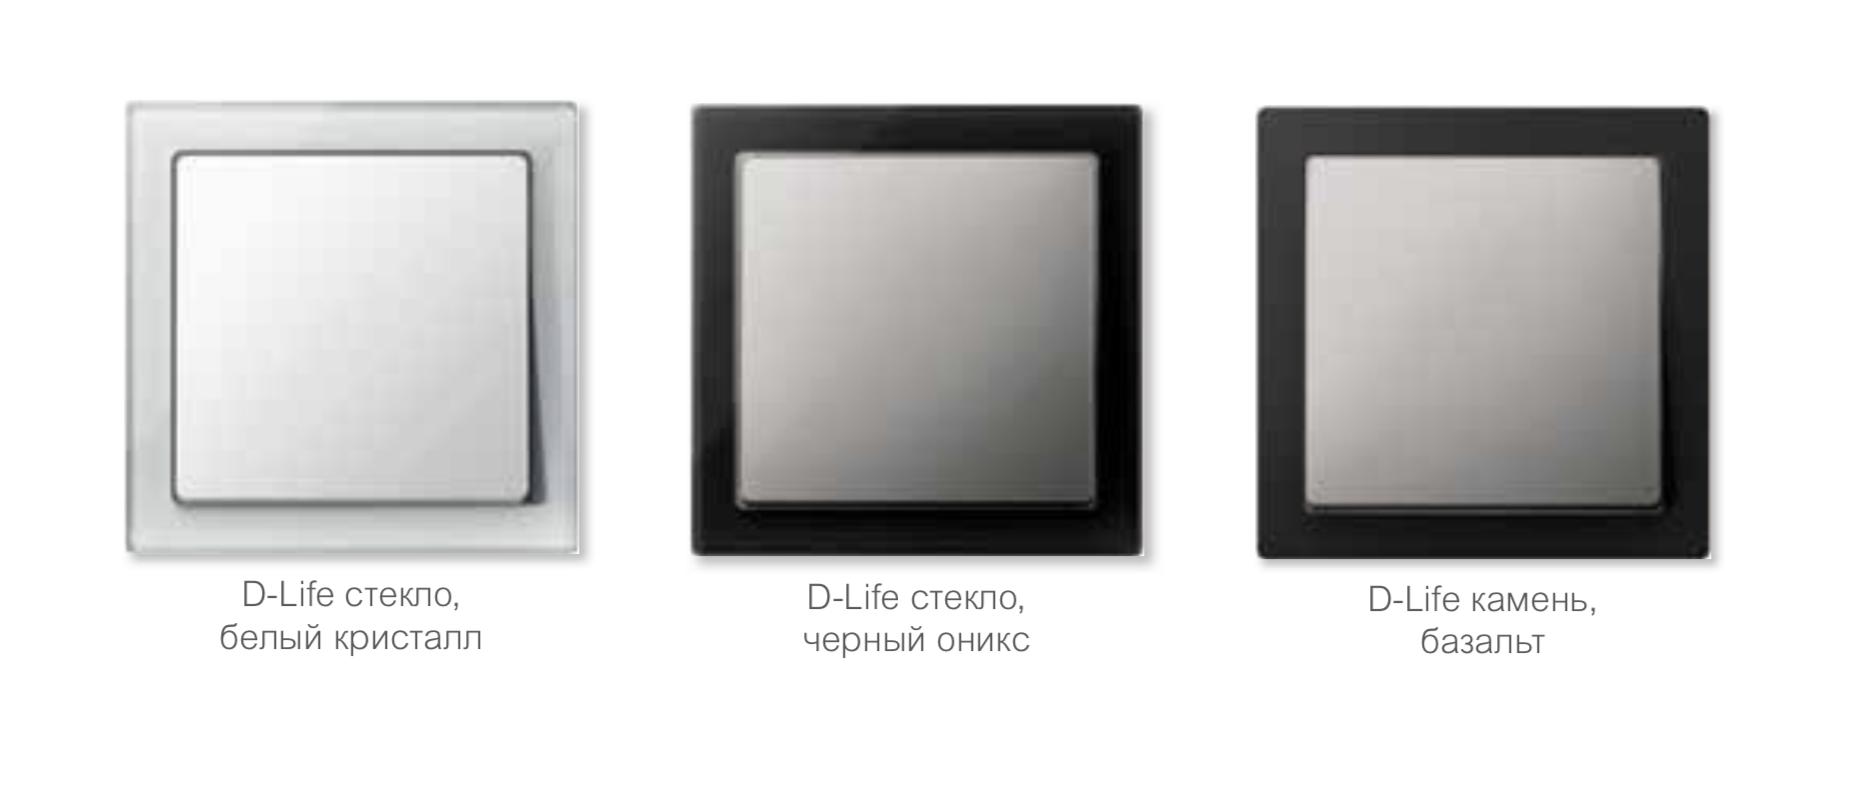 Merten d-life стекло и камень